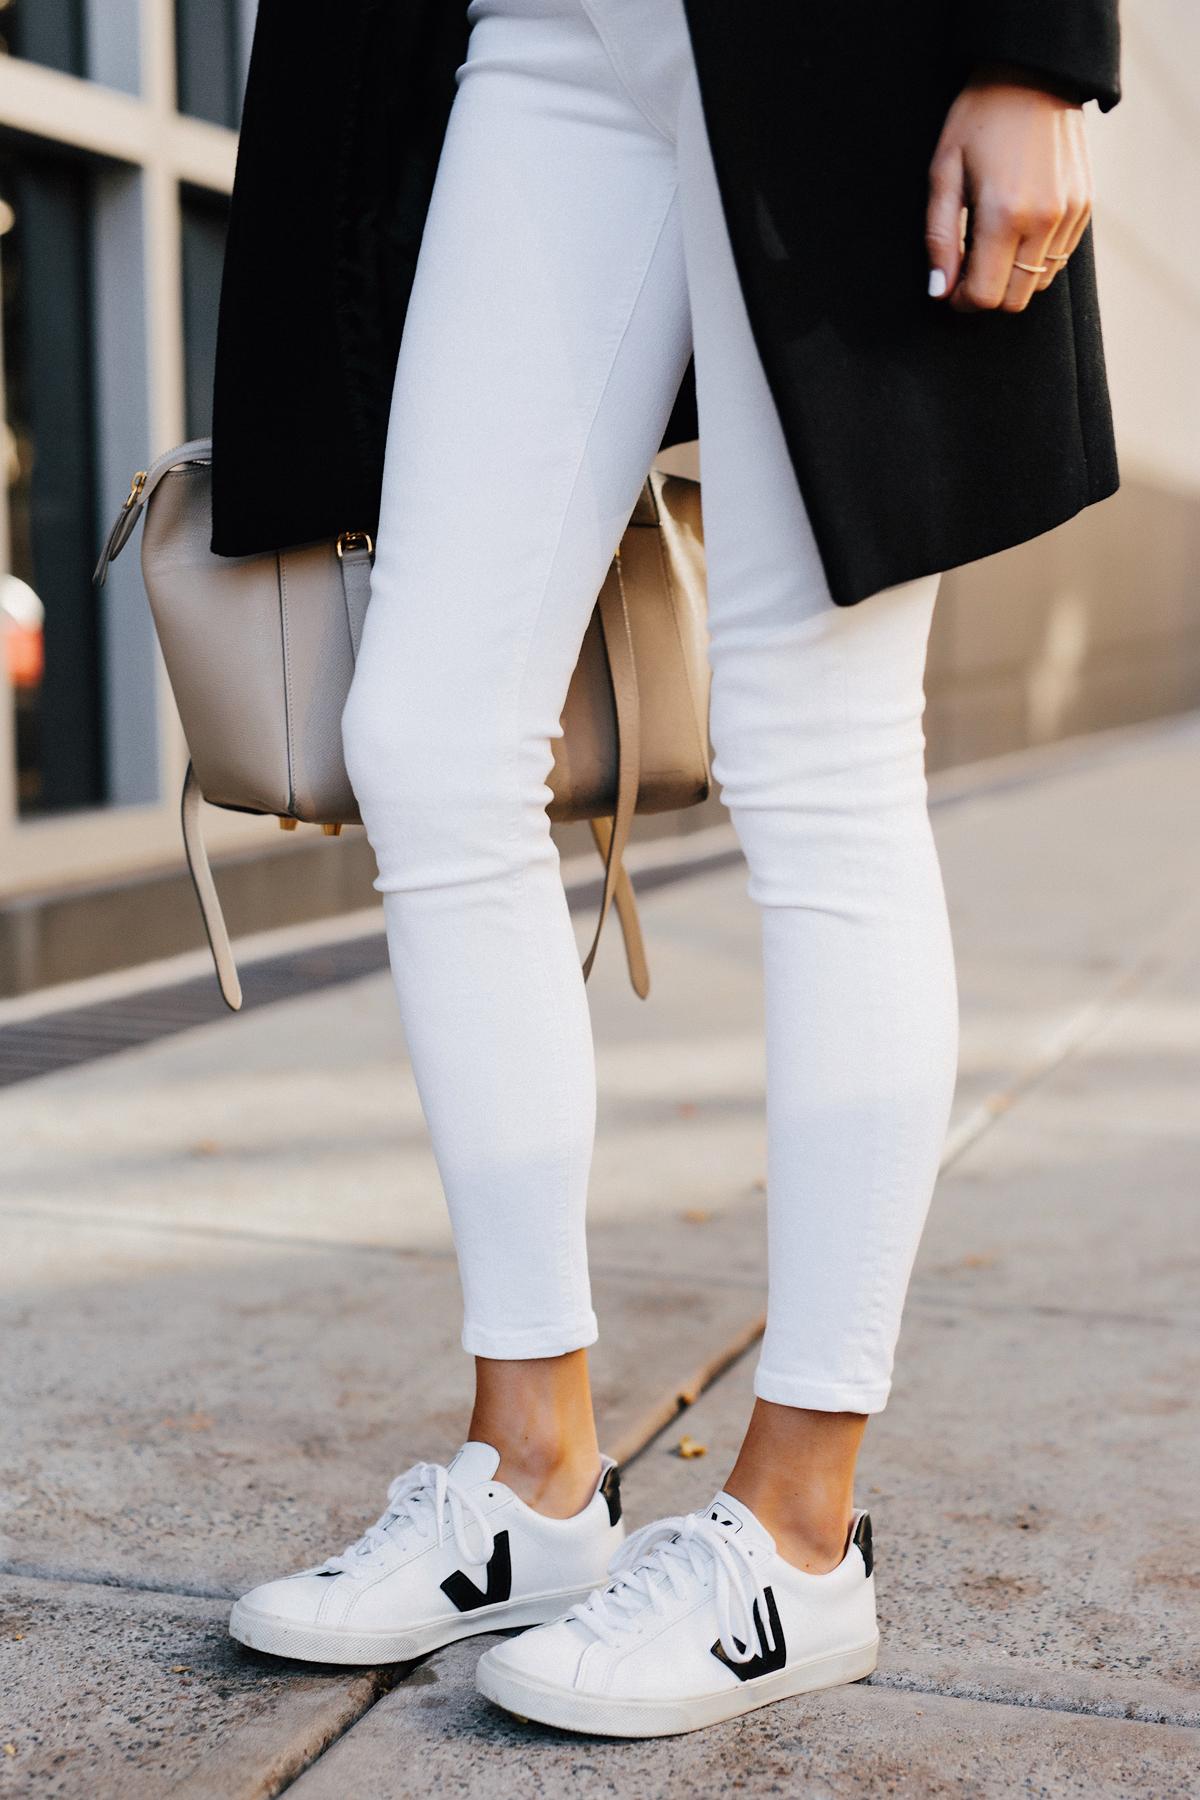 Woman Wearing White Skinny Jeans Veja Esplar White Sneakers Fashion Jackson San Diego Fashion Blogger Street Style